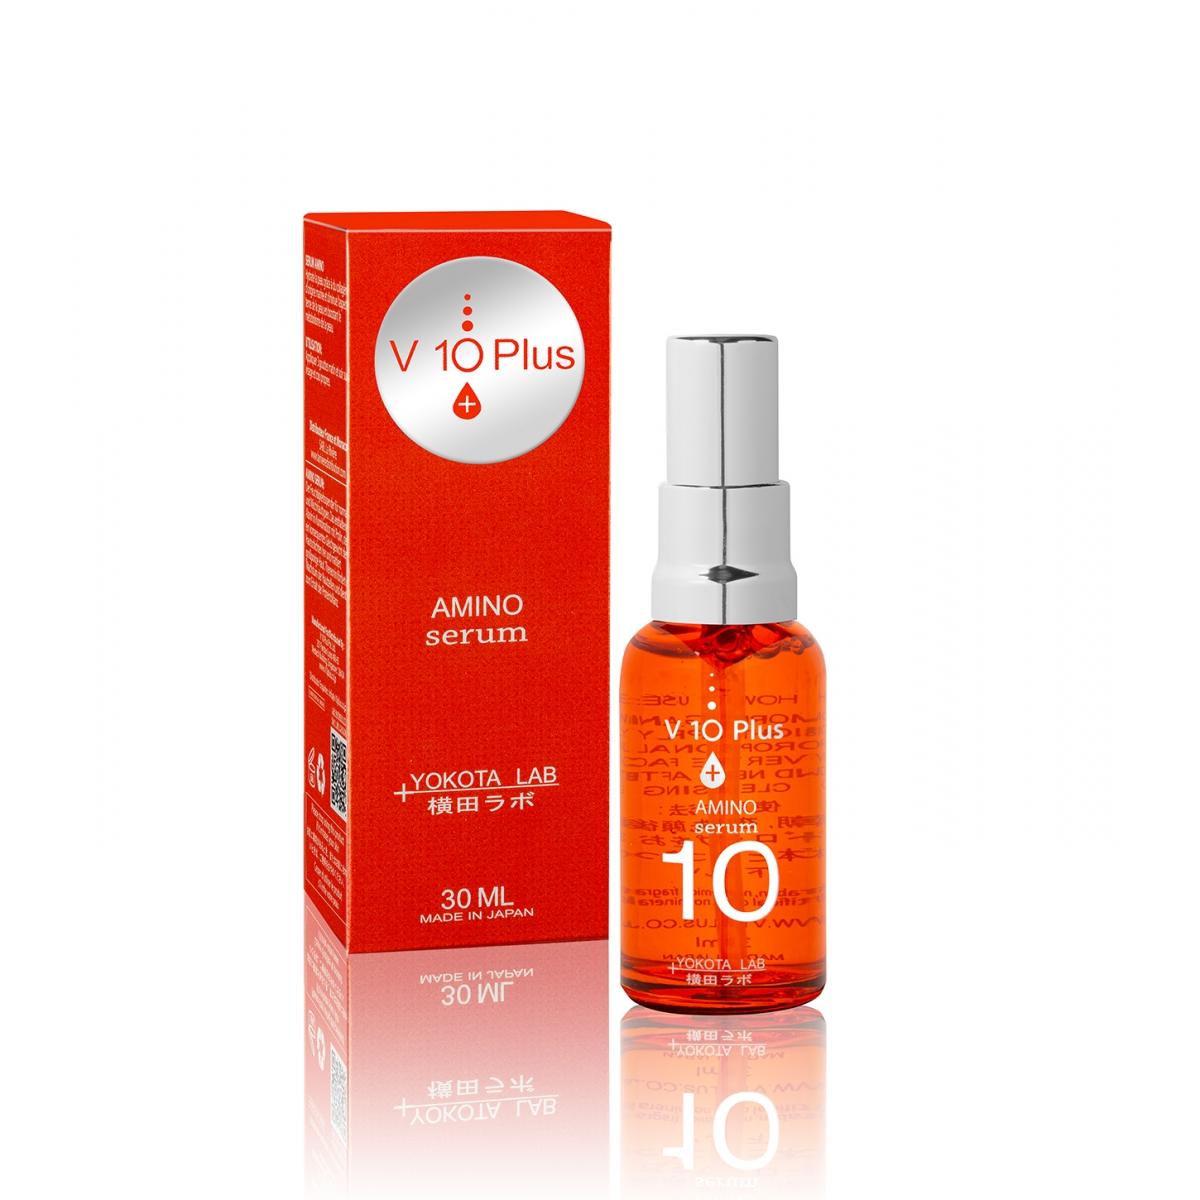 SOIN DU VISAGE - AMINO SERUM V10+ (30 ml)